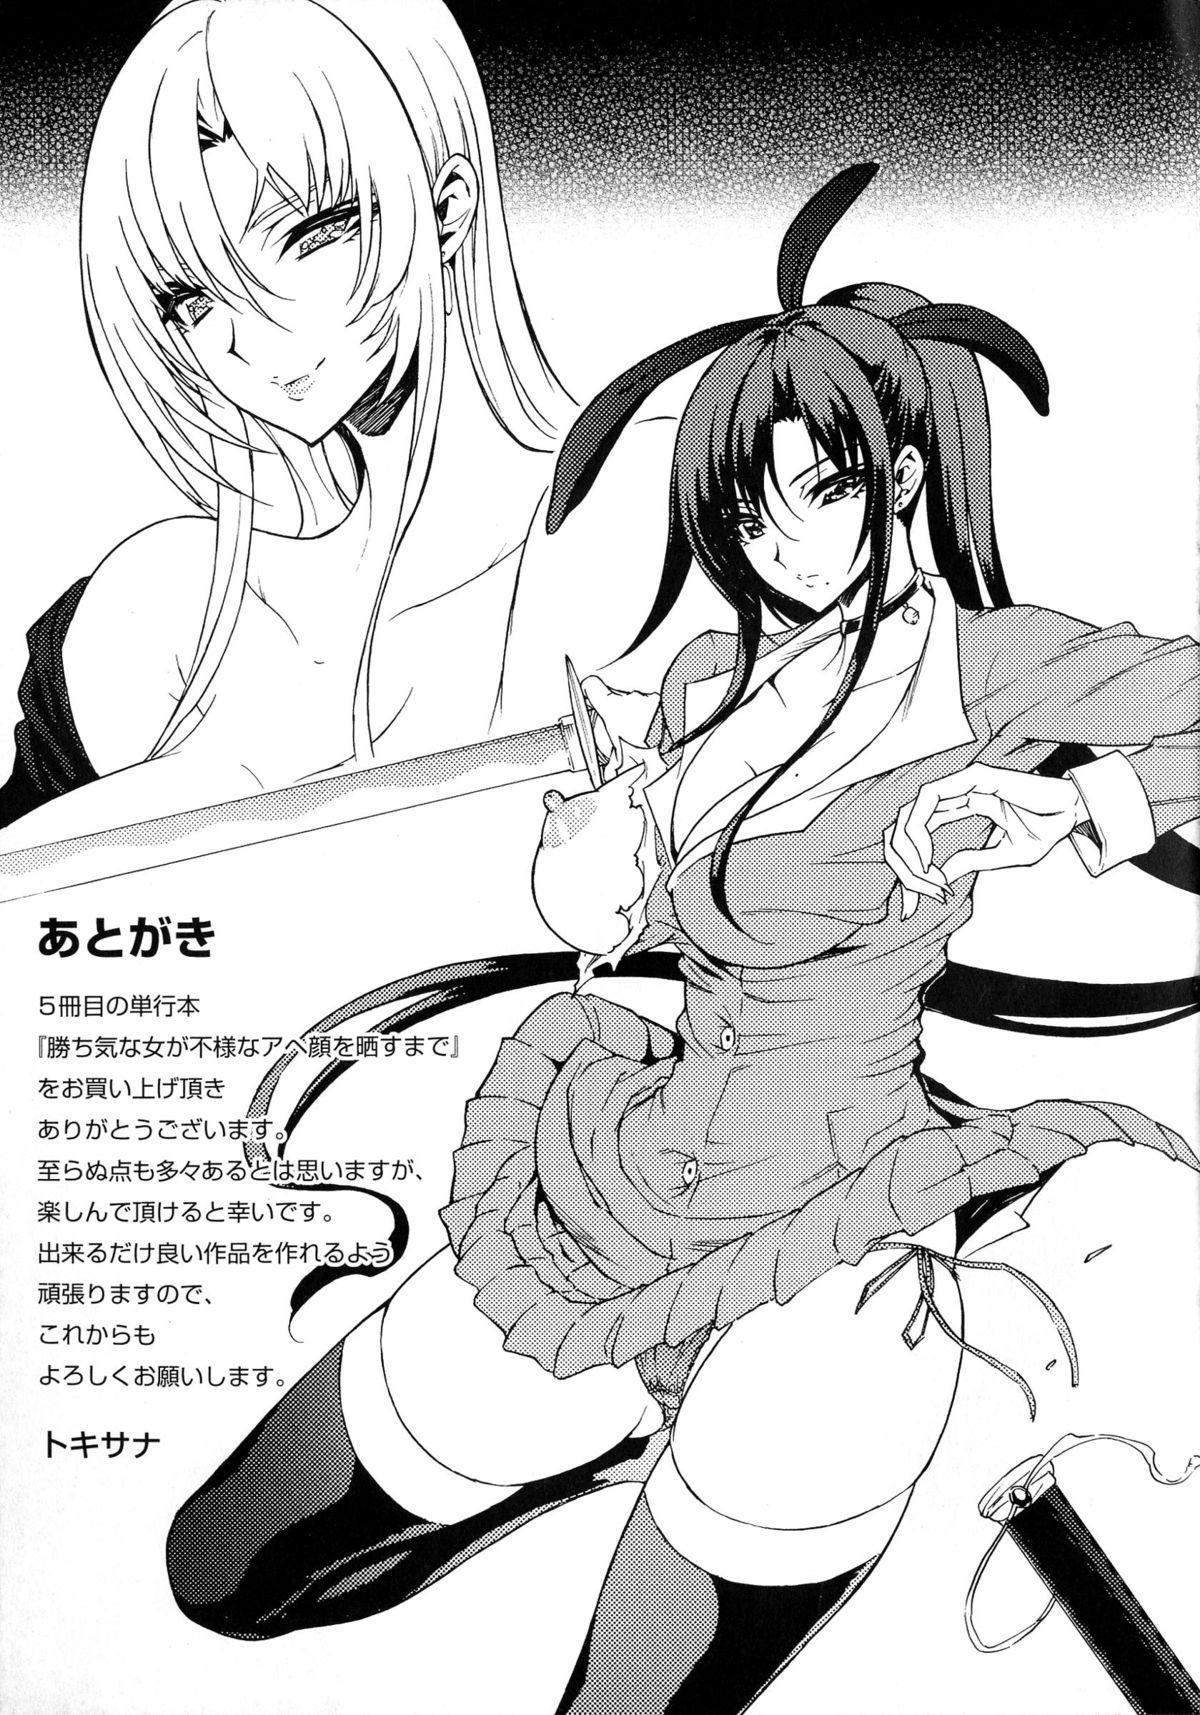 Kachiki na Onna ga Buzama na Ahegao o Sarasu made 160